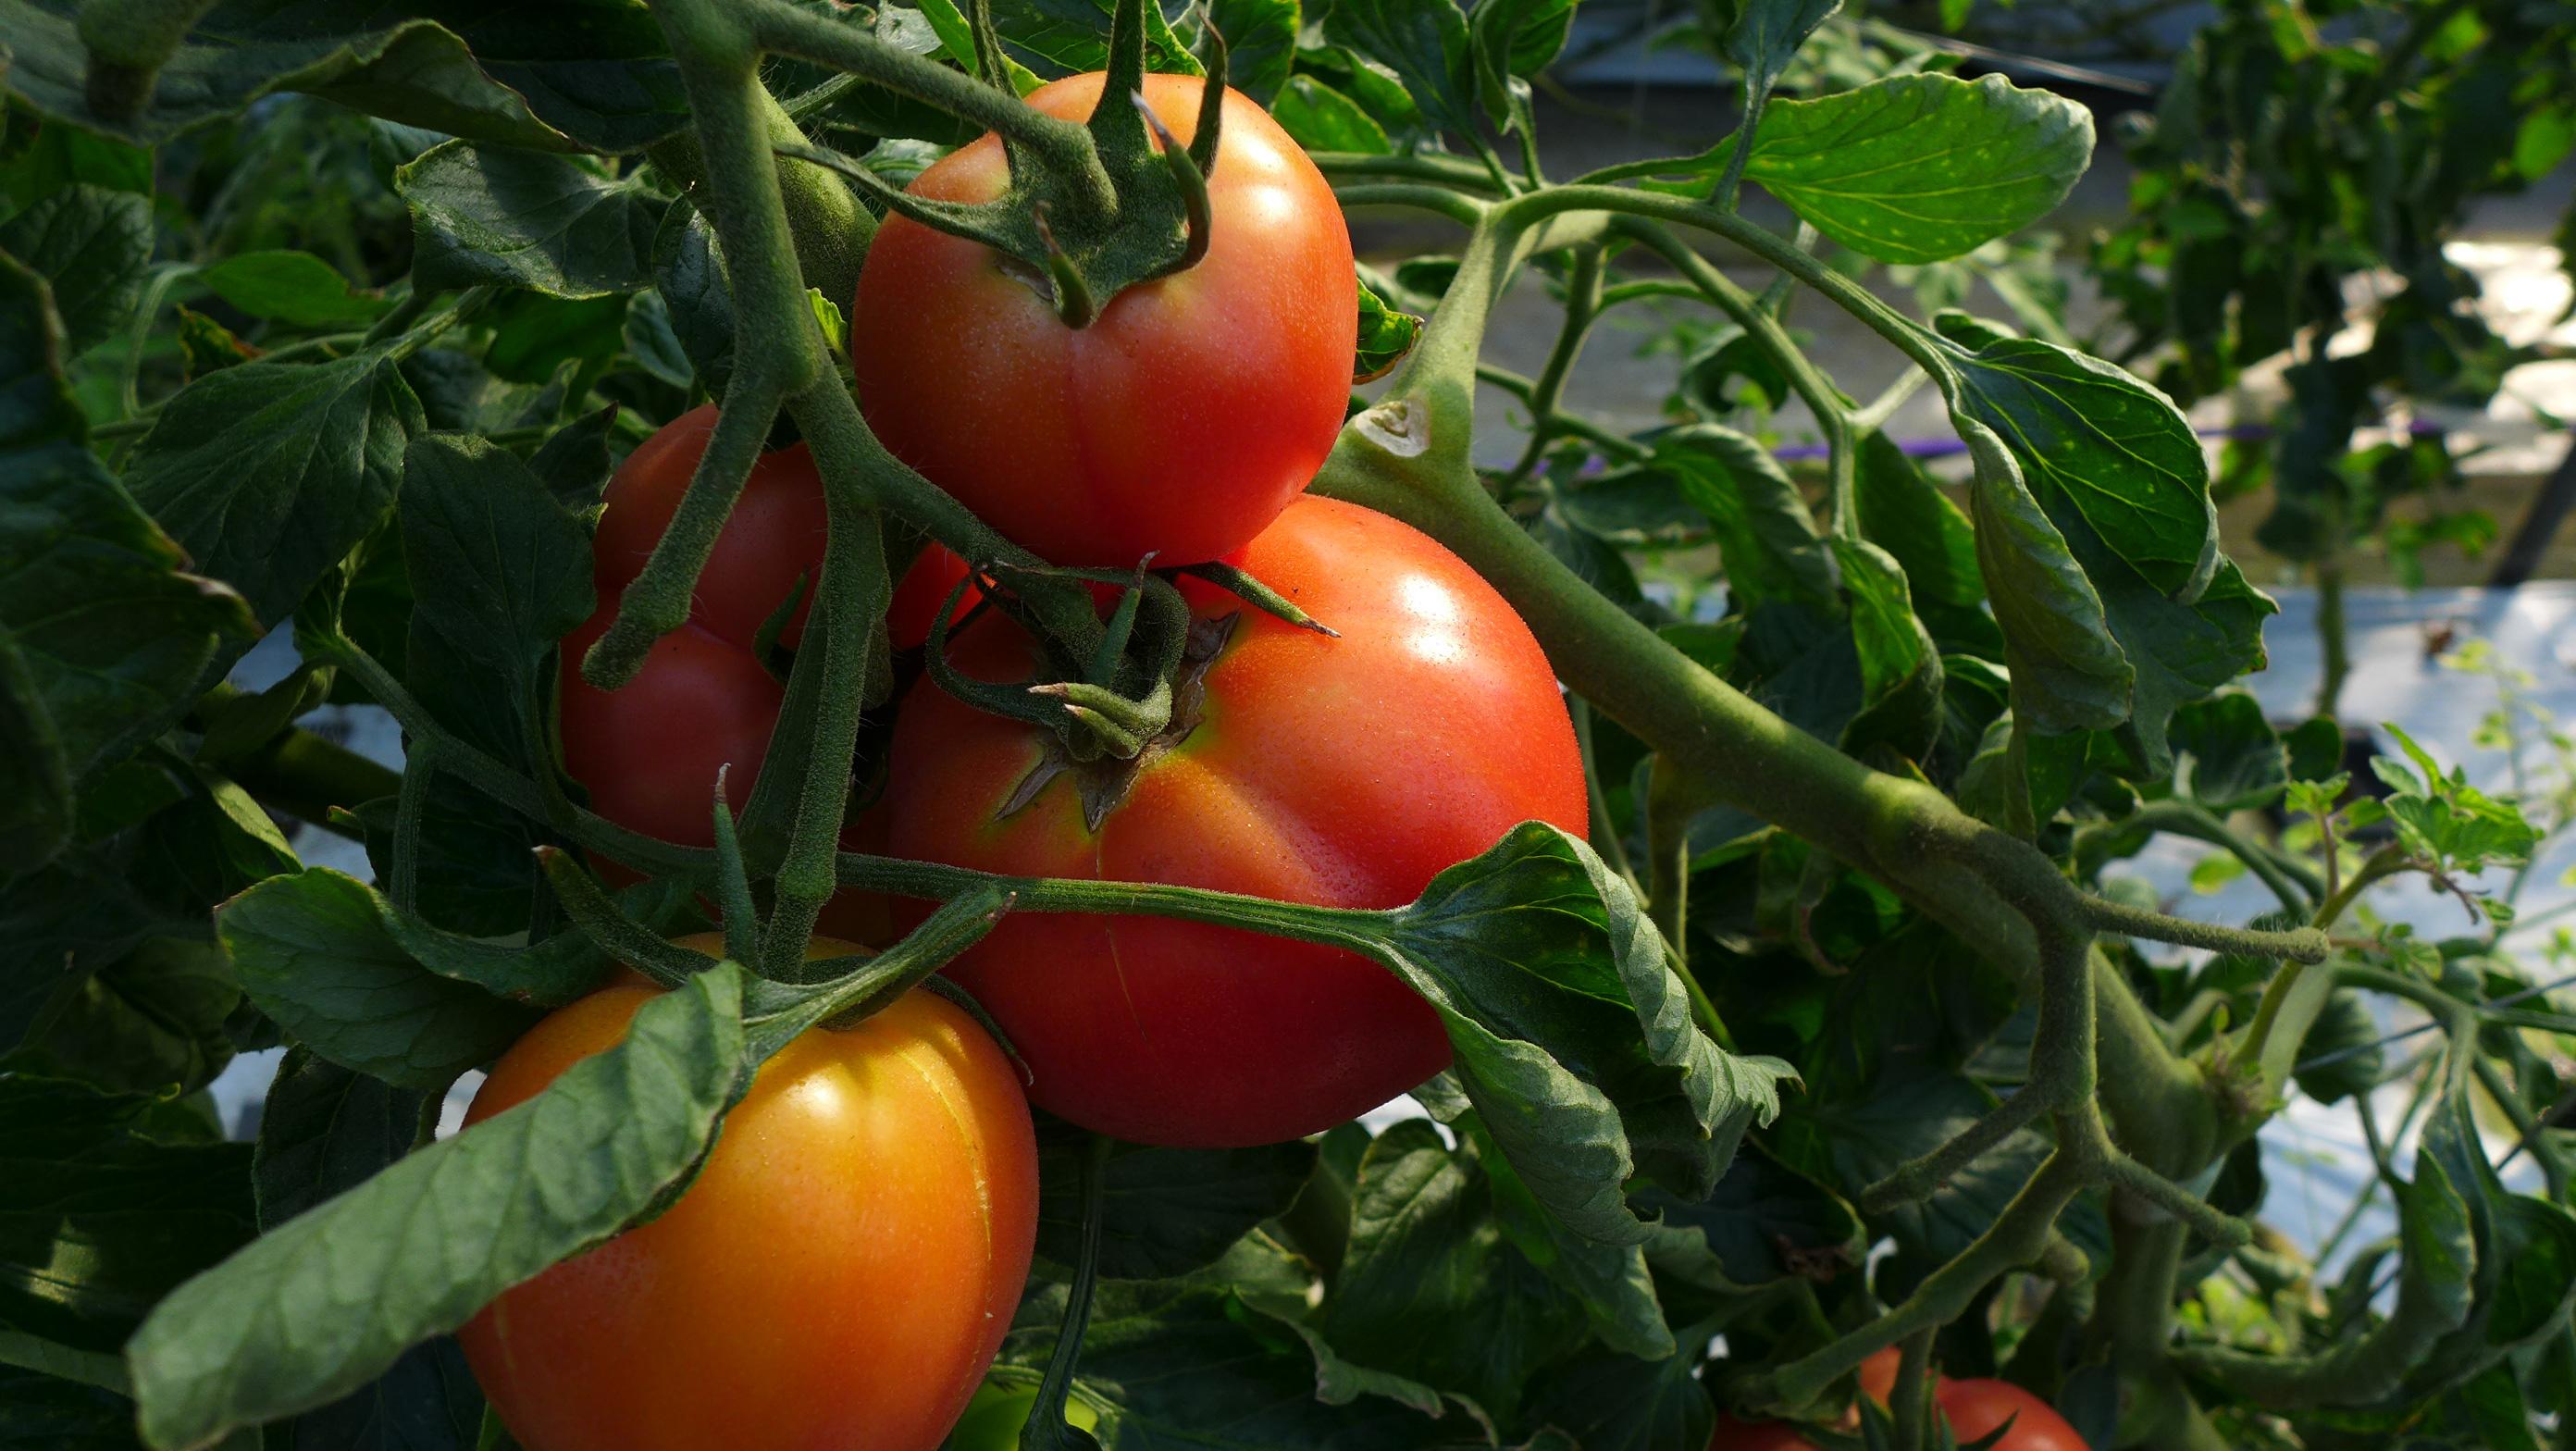 水気耕栽培で育ったトマト